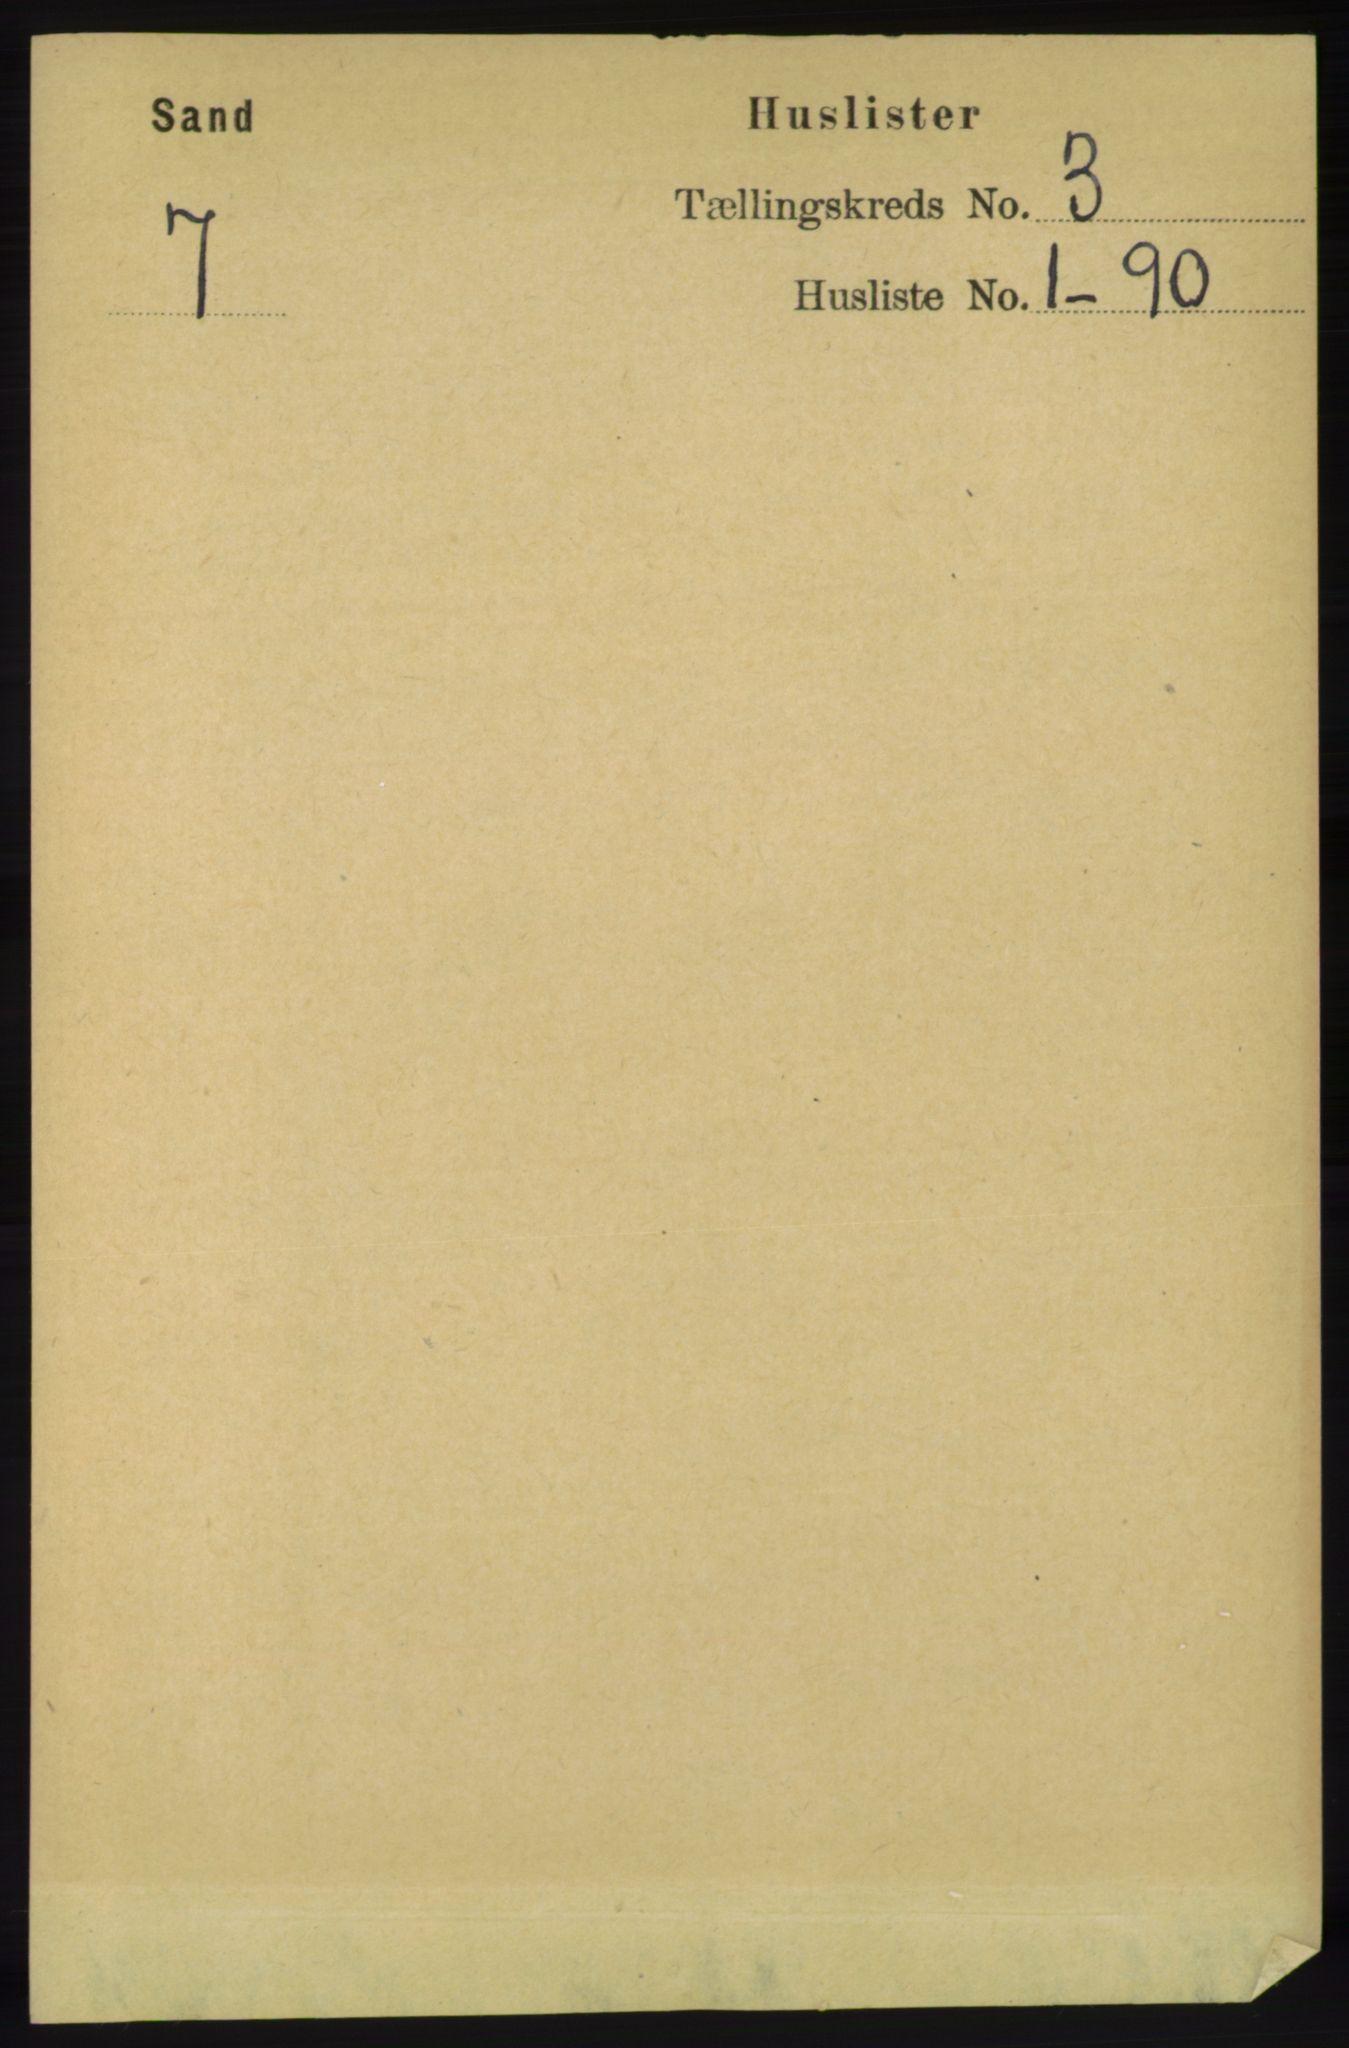 RA, Folketelling 1891 for 1136 Sand herred, 1891, s. 577